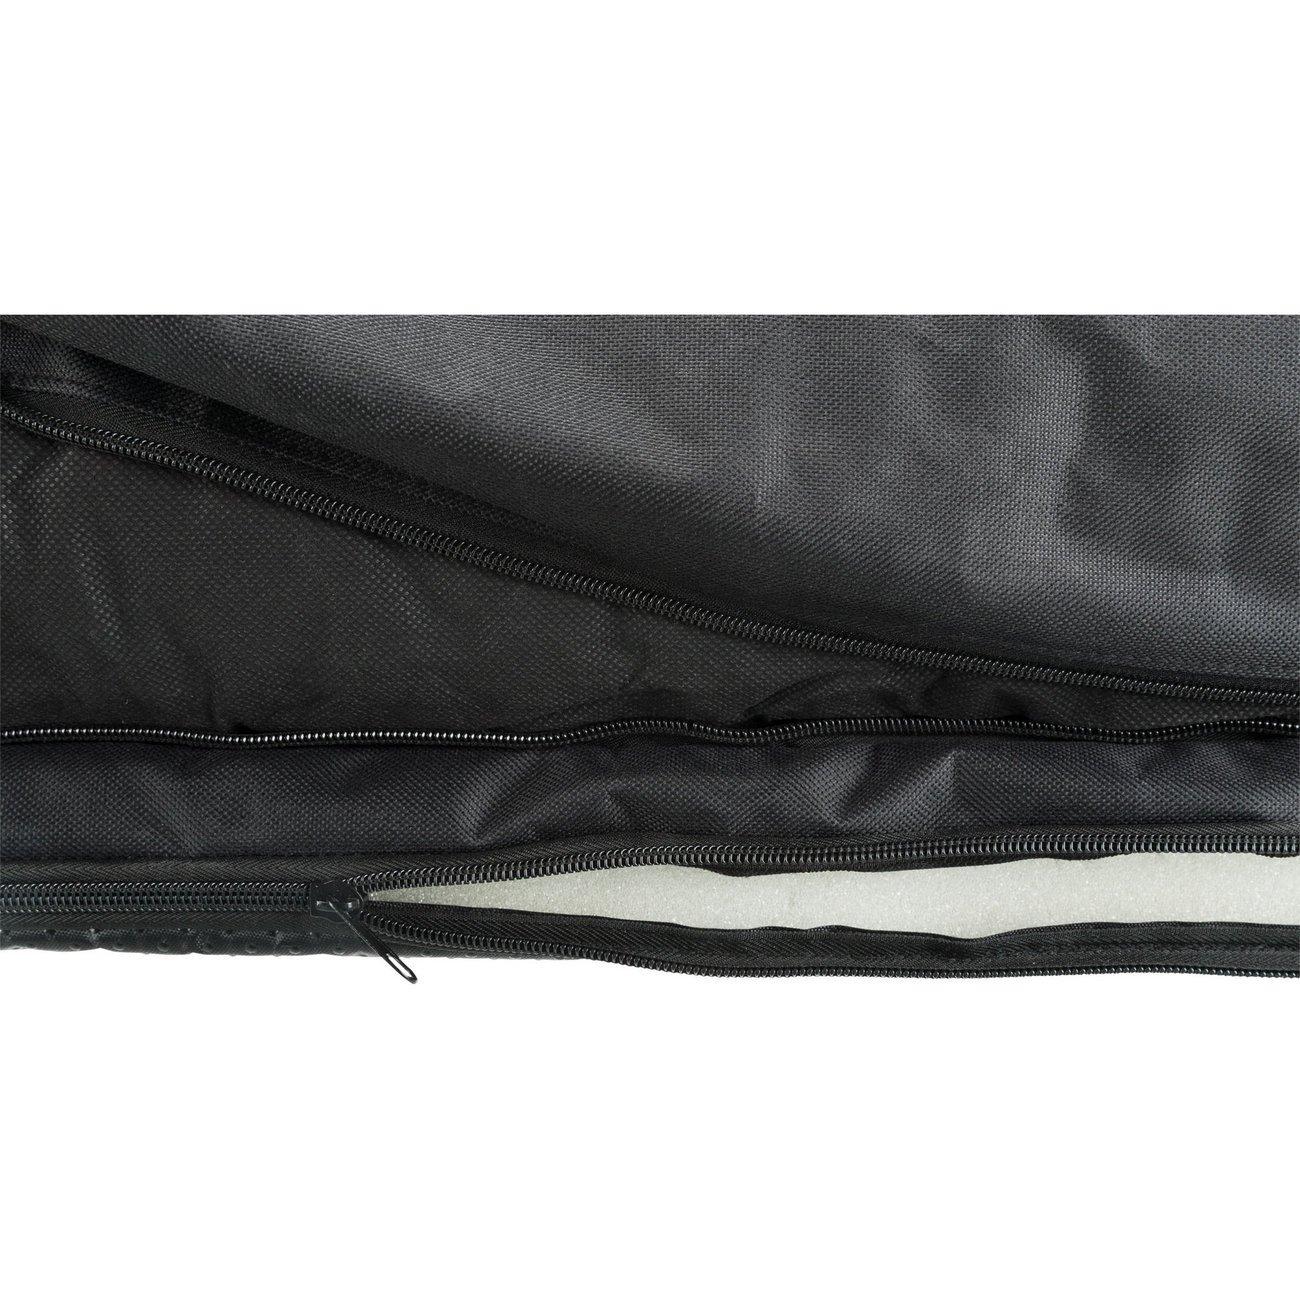 TRIXIE Hunde Autobett für Kofferraum 1321, Bild 17